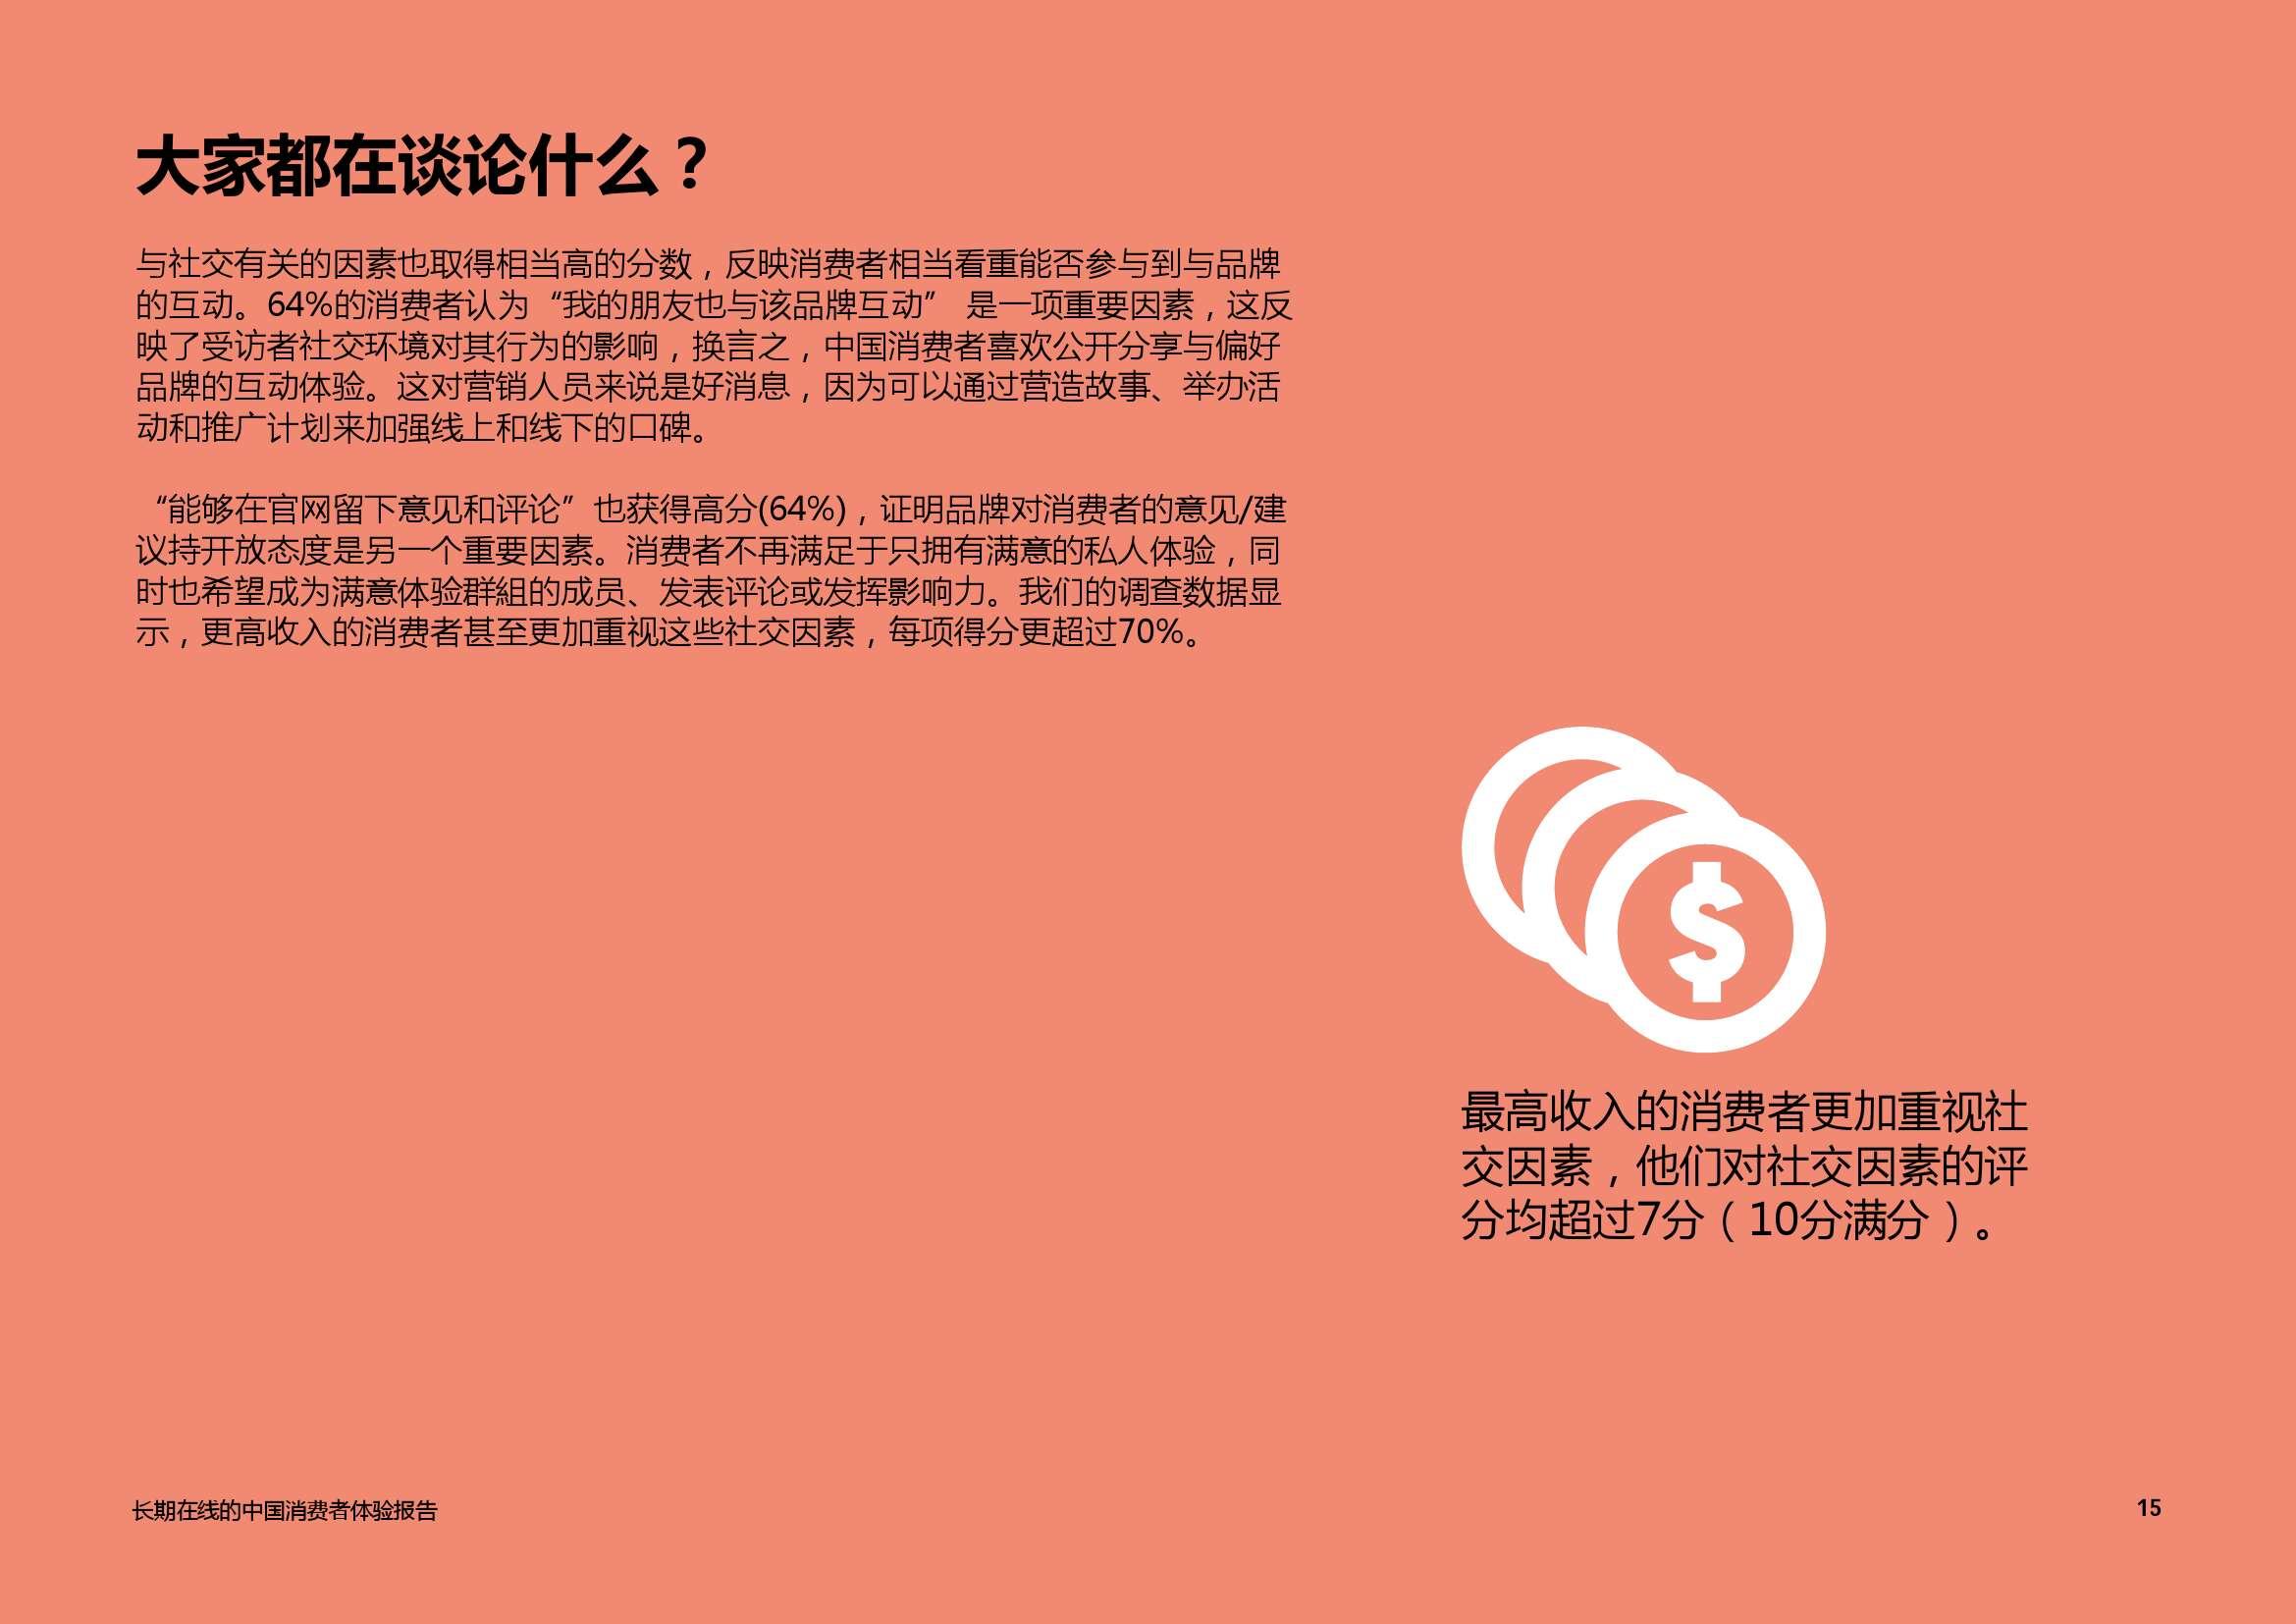 艾司隆 (Epsilon):2015中国消费者品牌体验报告_000015